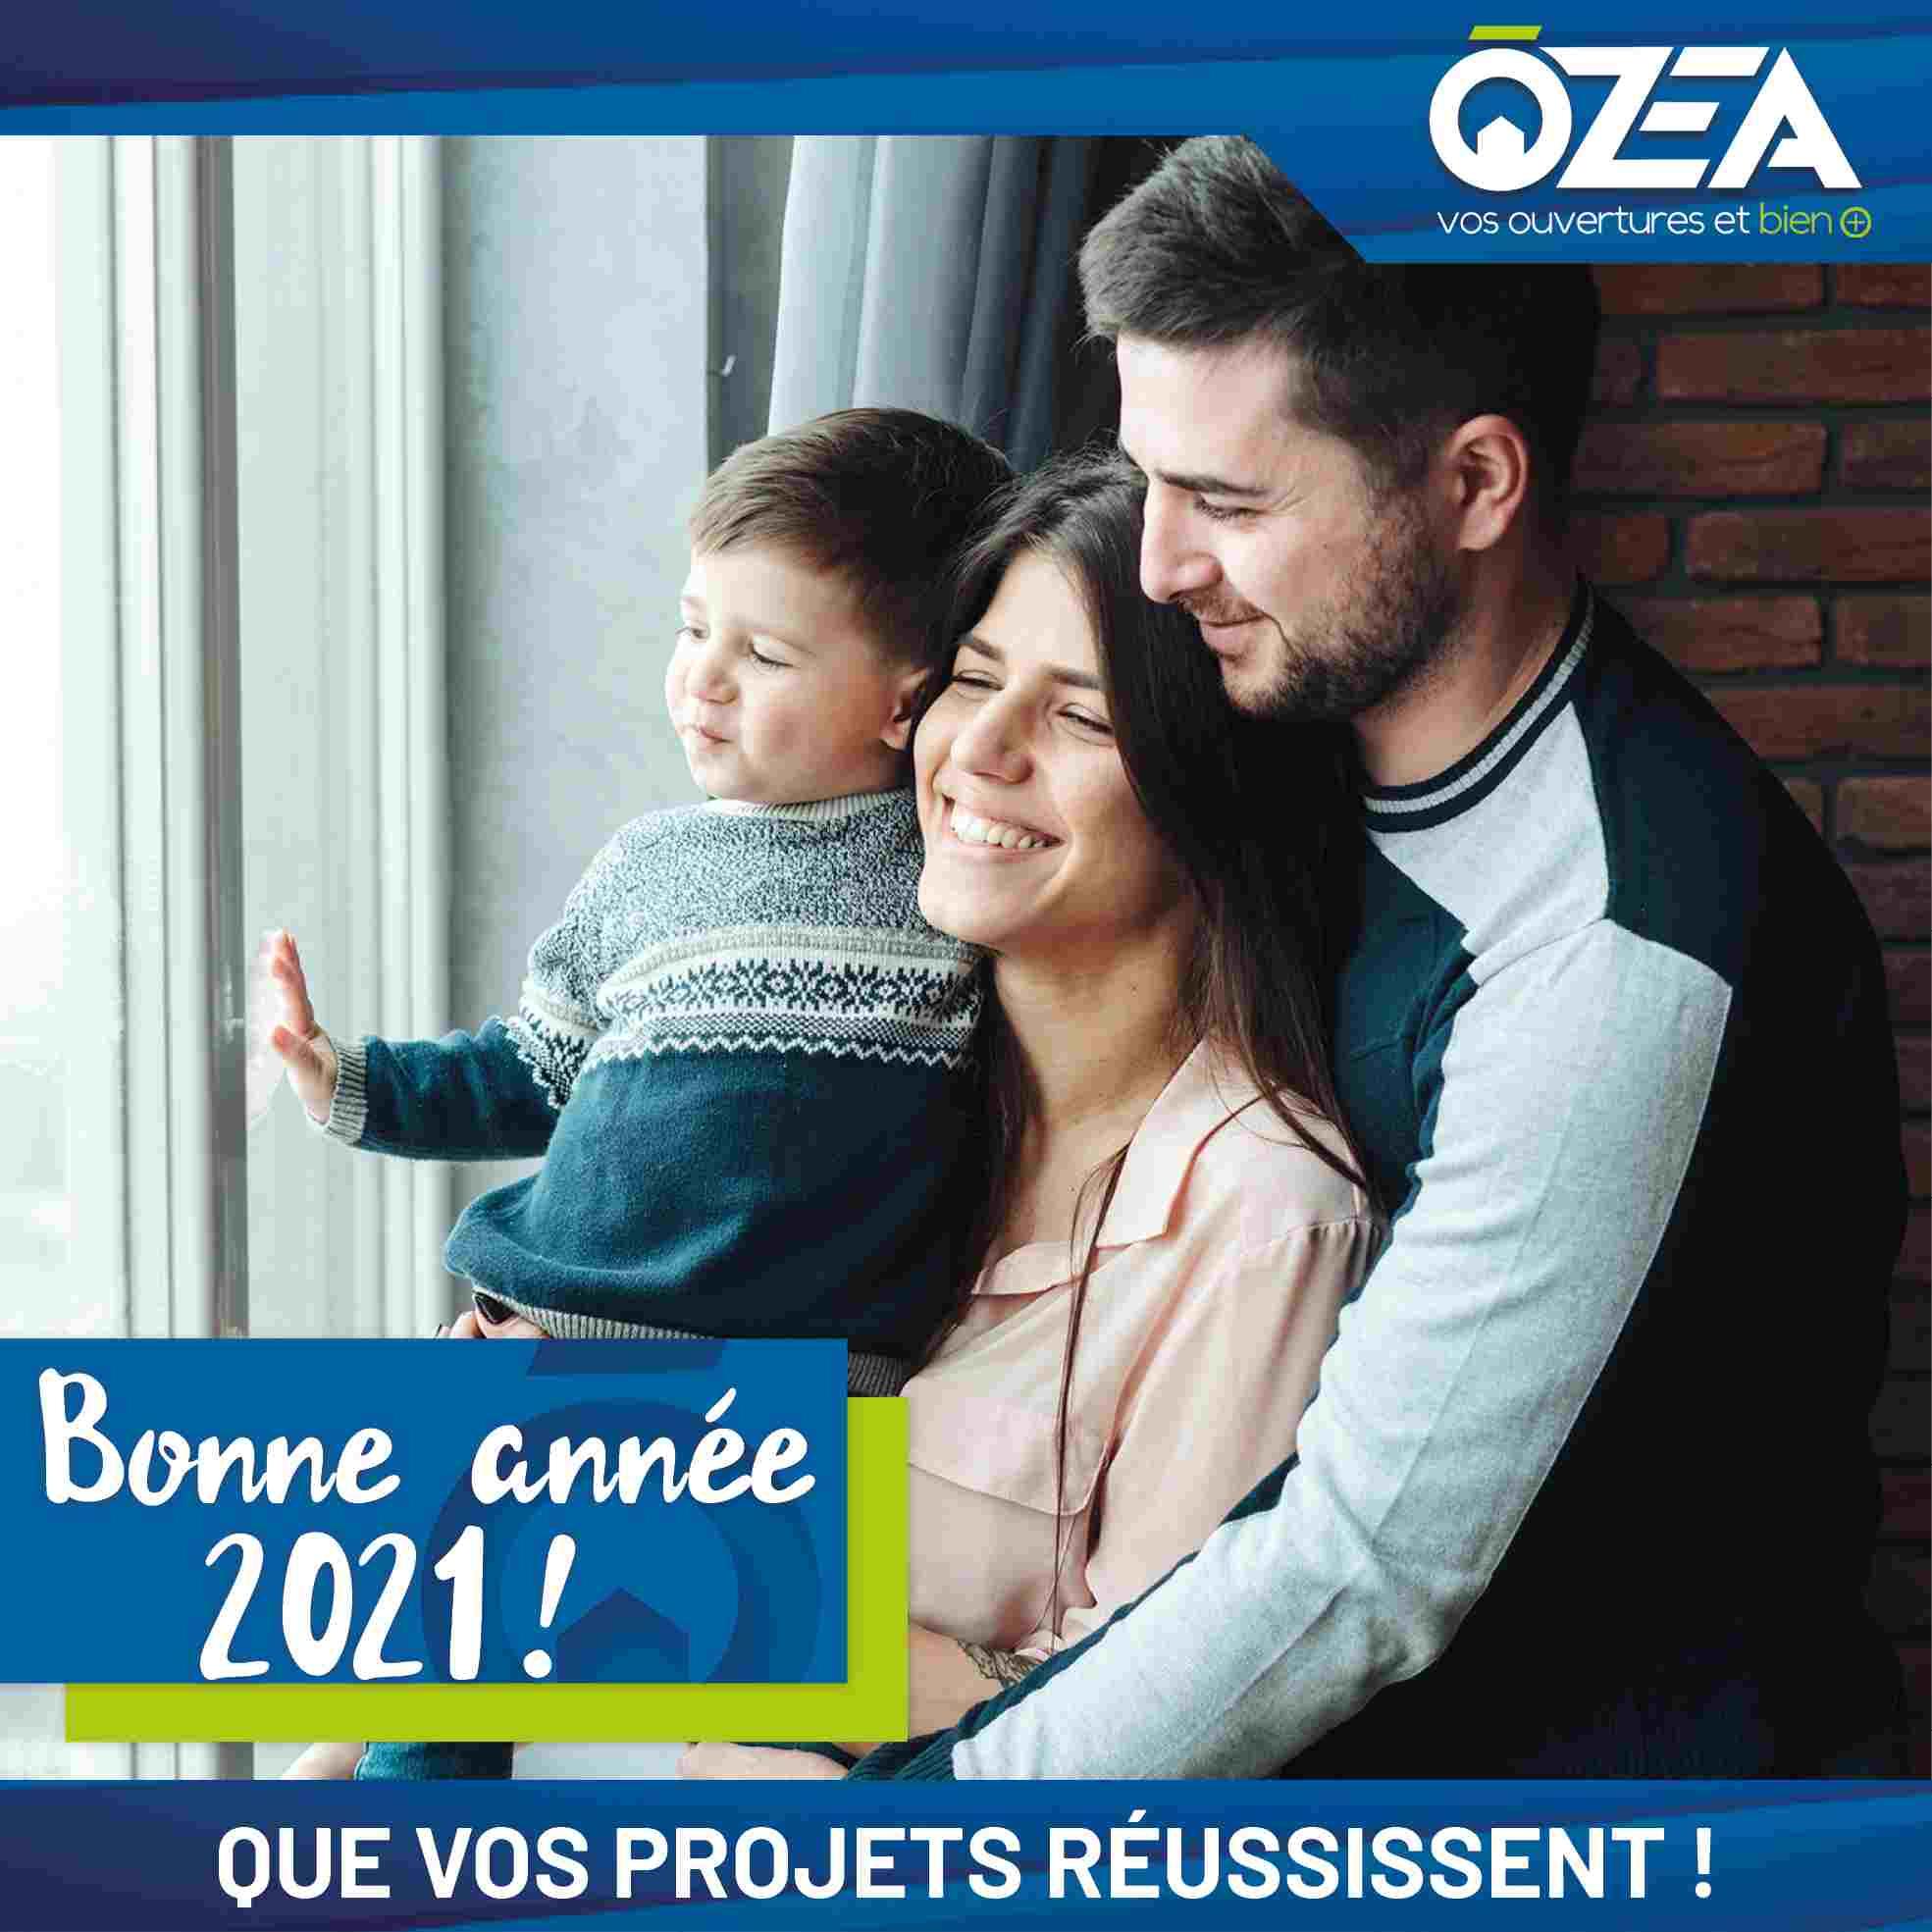 OZEA Bonne annee